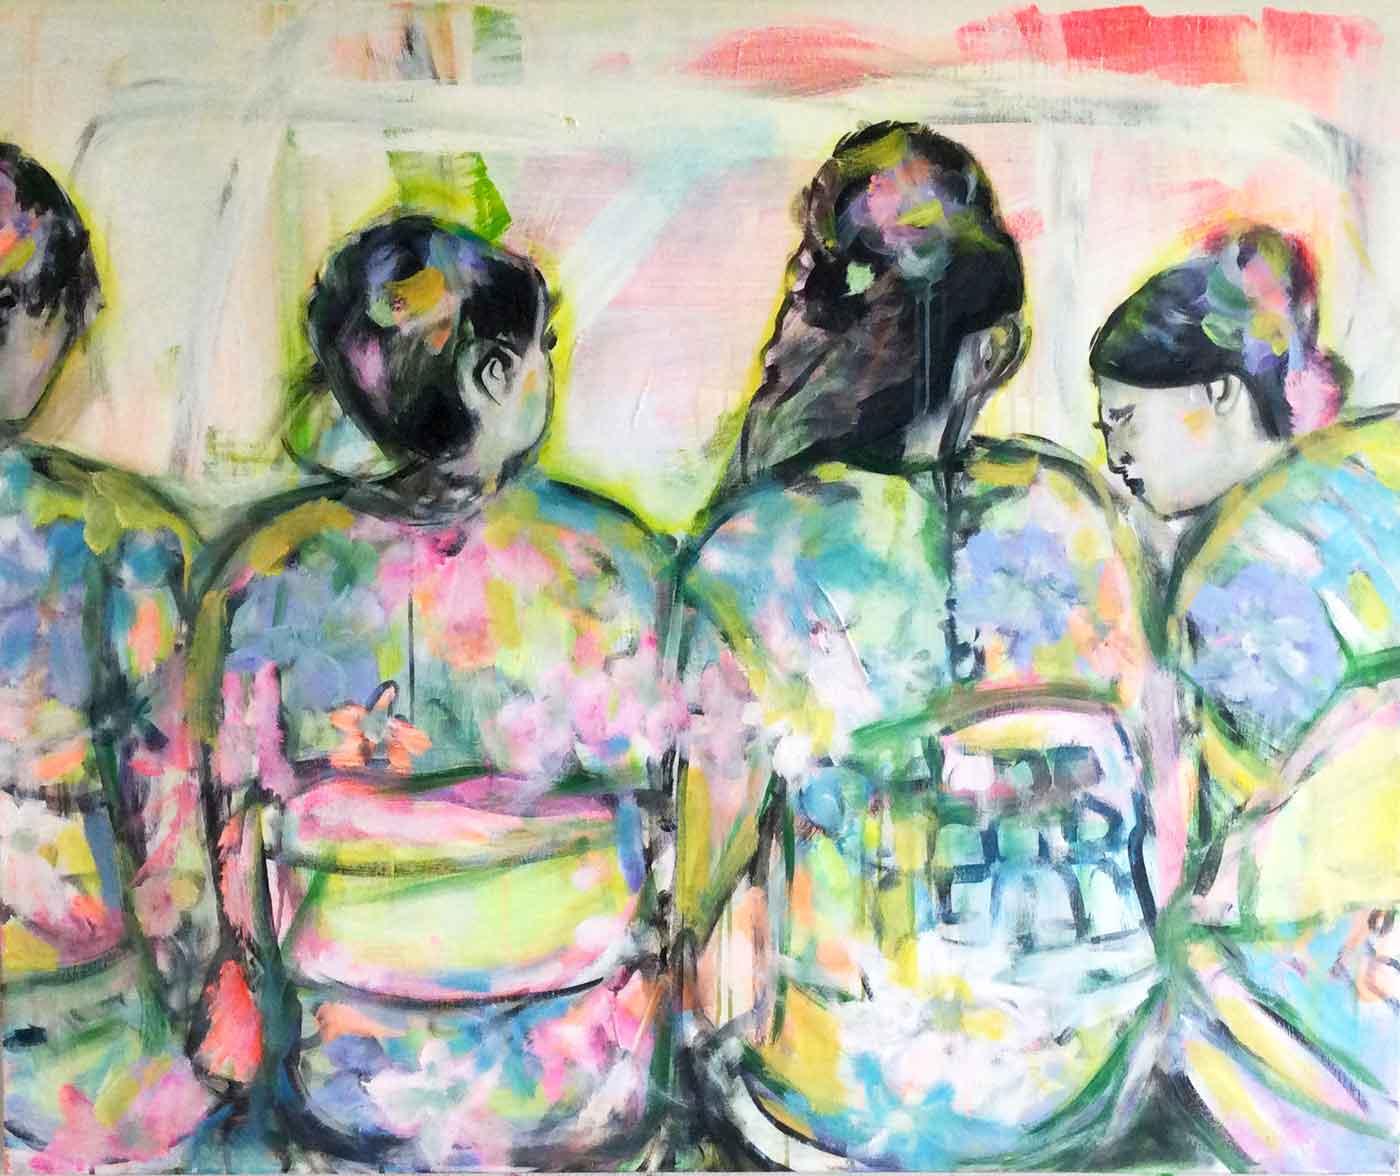 Modernes Gemälde kaufen. Zartes farbenfrohes handgemaltes Bild.